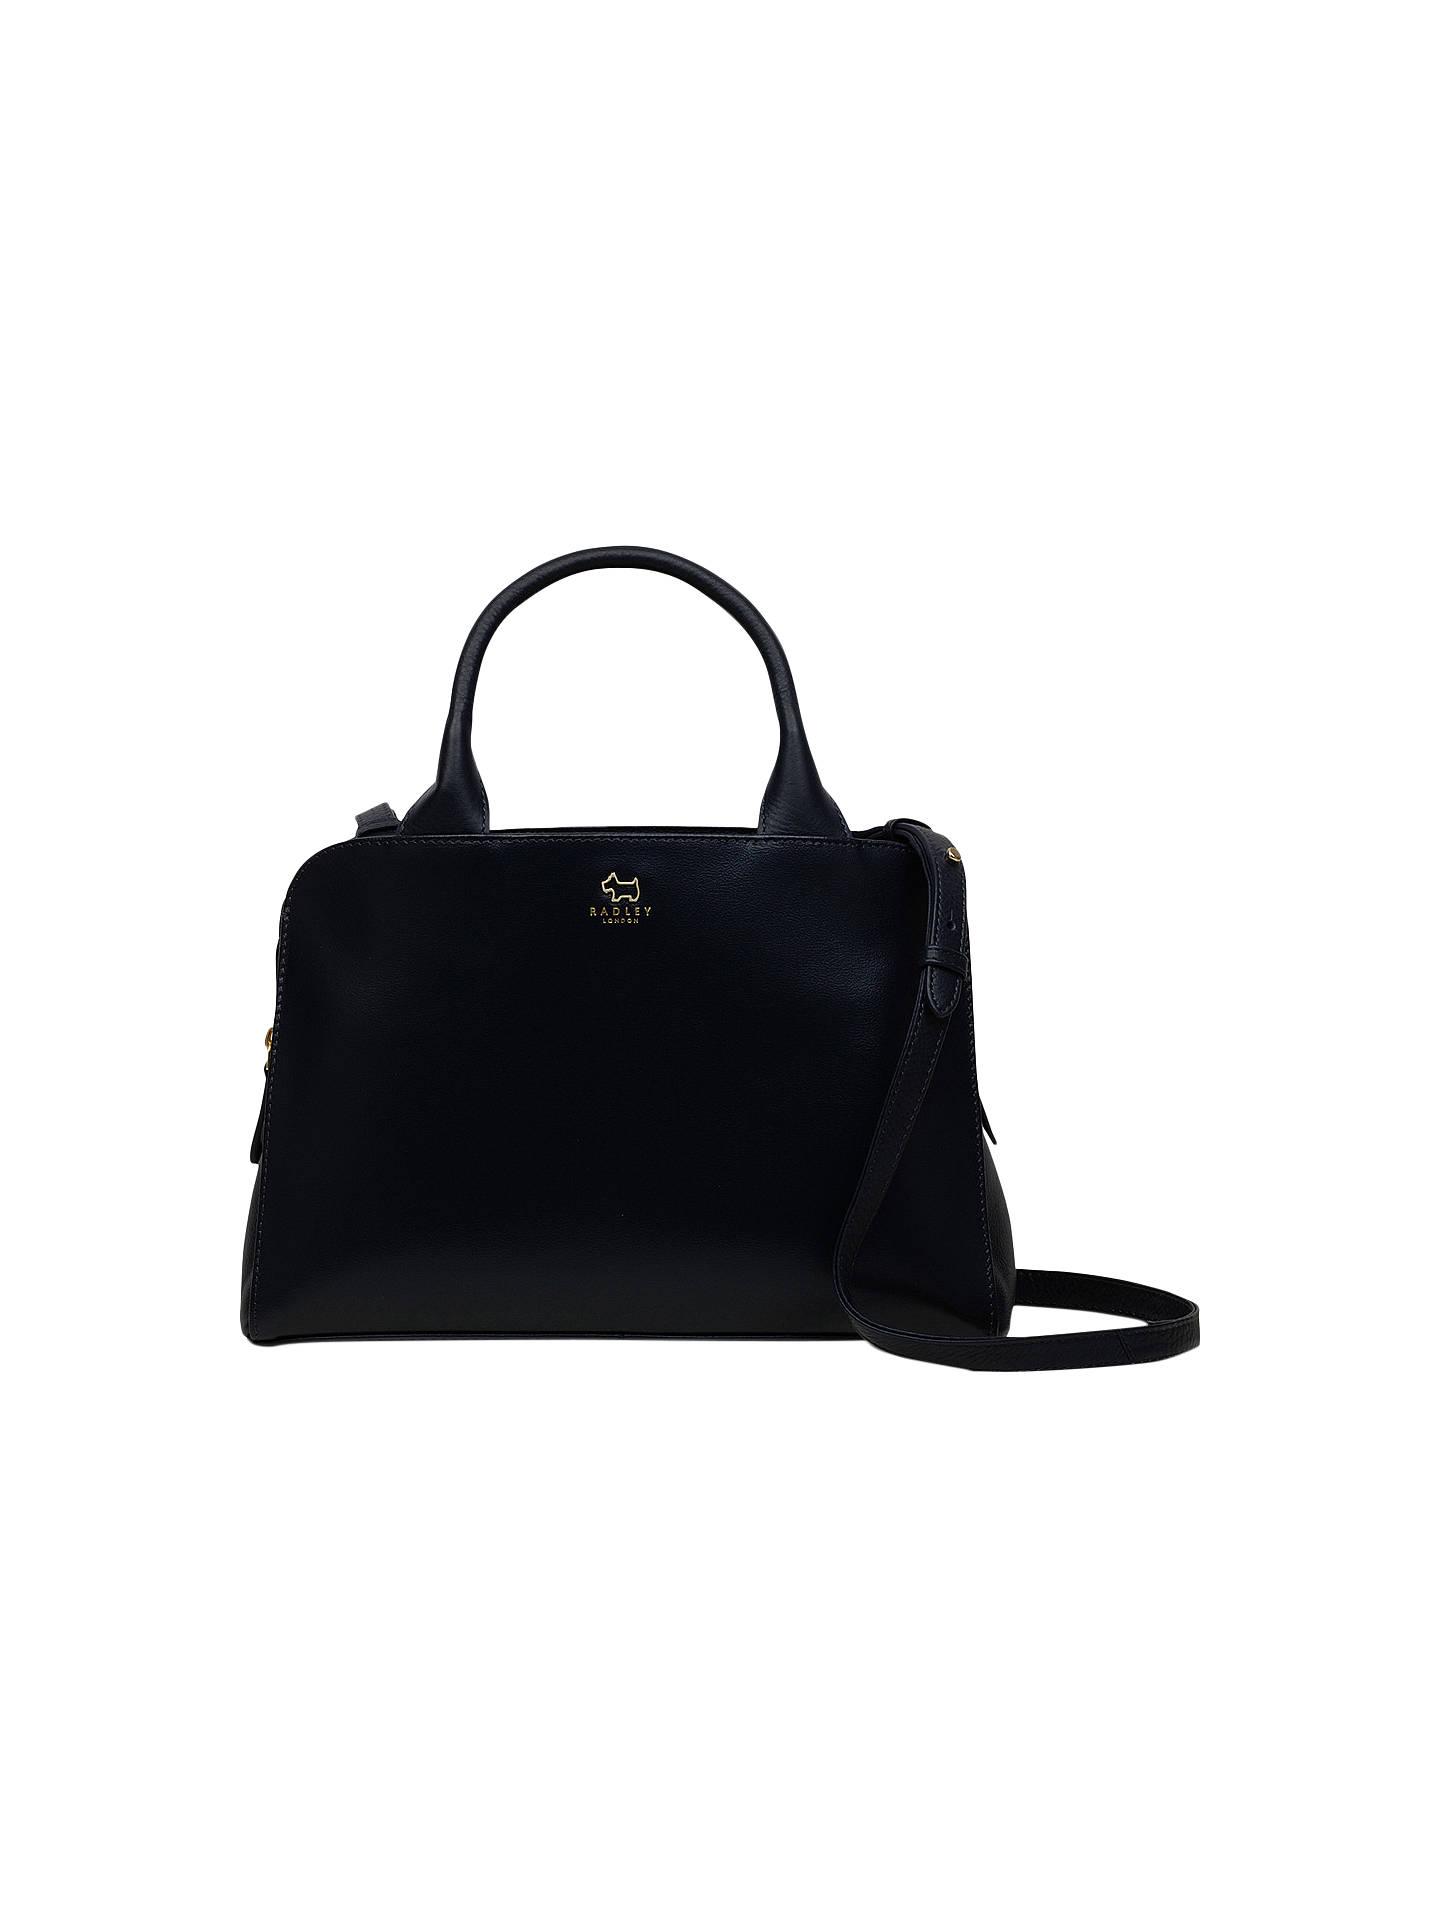 Radley Millbank Leather Medium Grab Bag Navy Online At Johnlewis